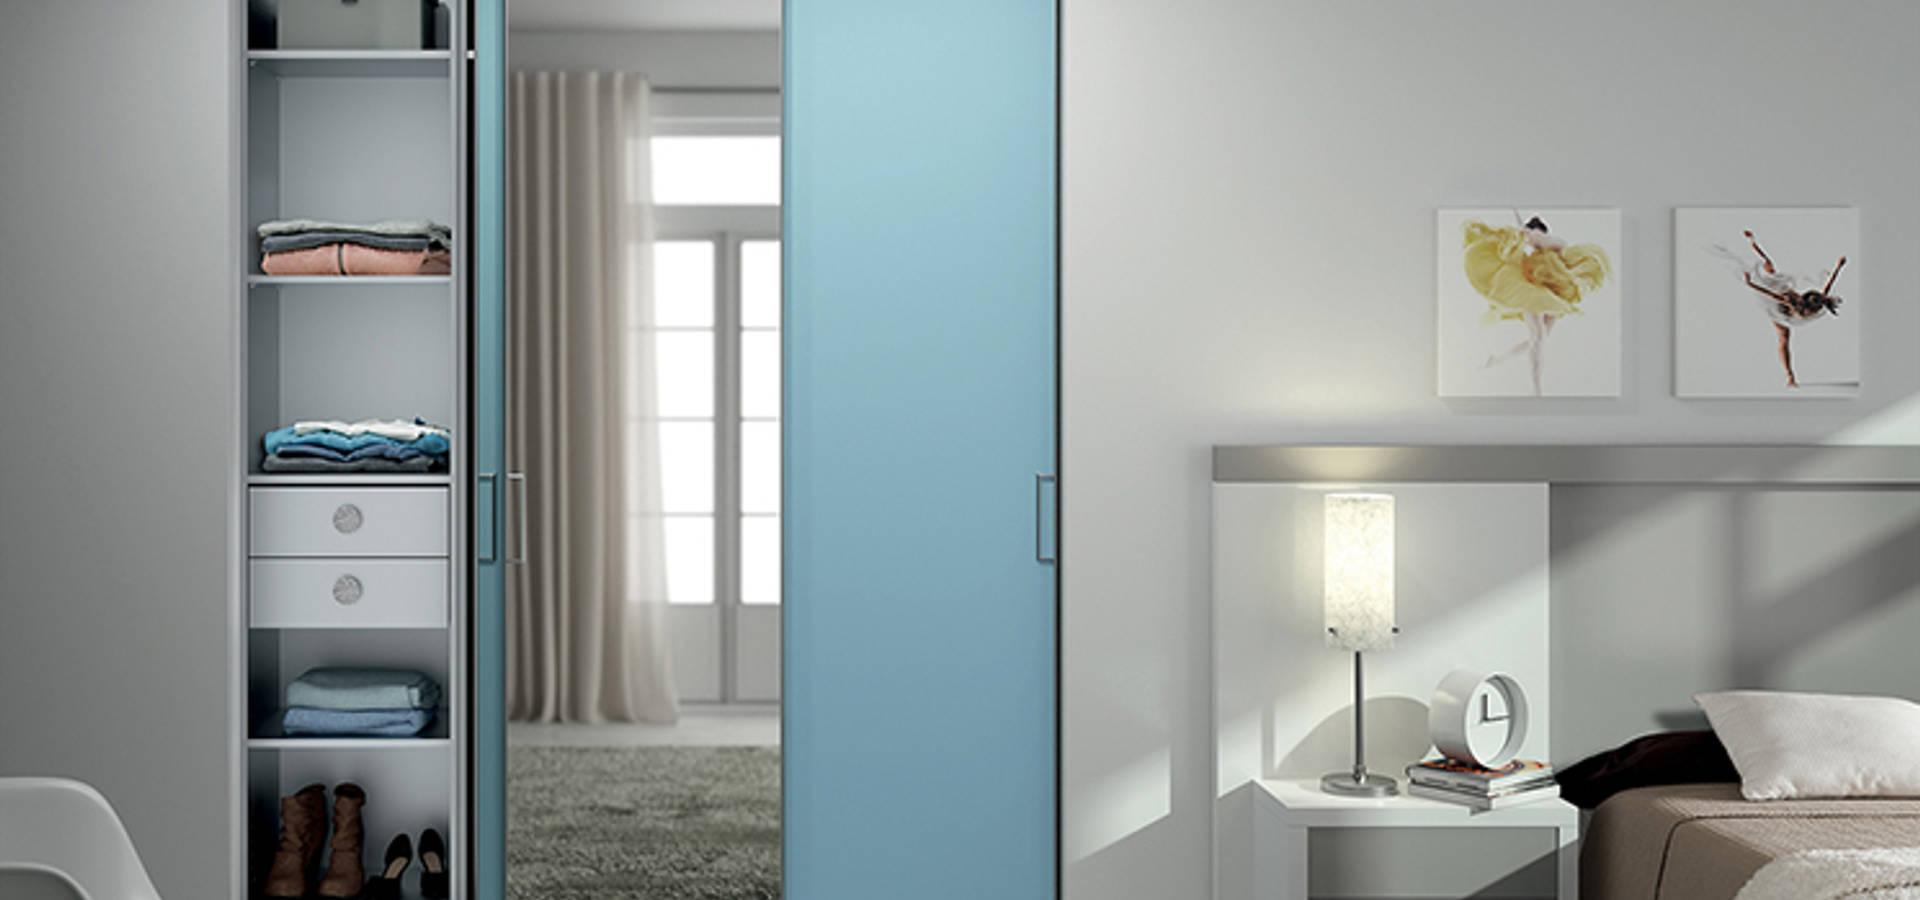 Armoire Et Dressing armoires et dressinghttp://www.centimetre | homify